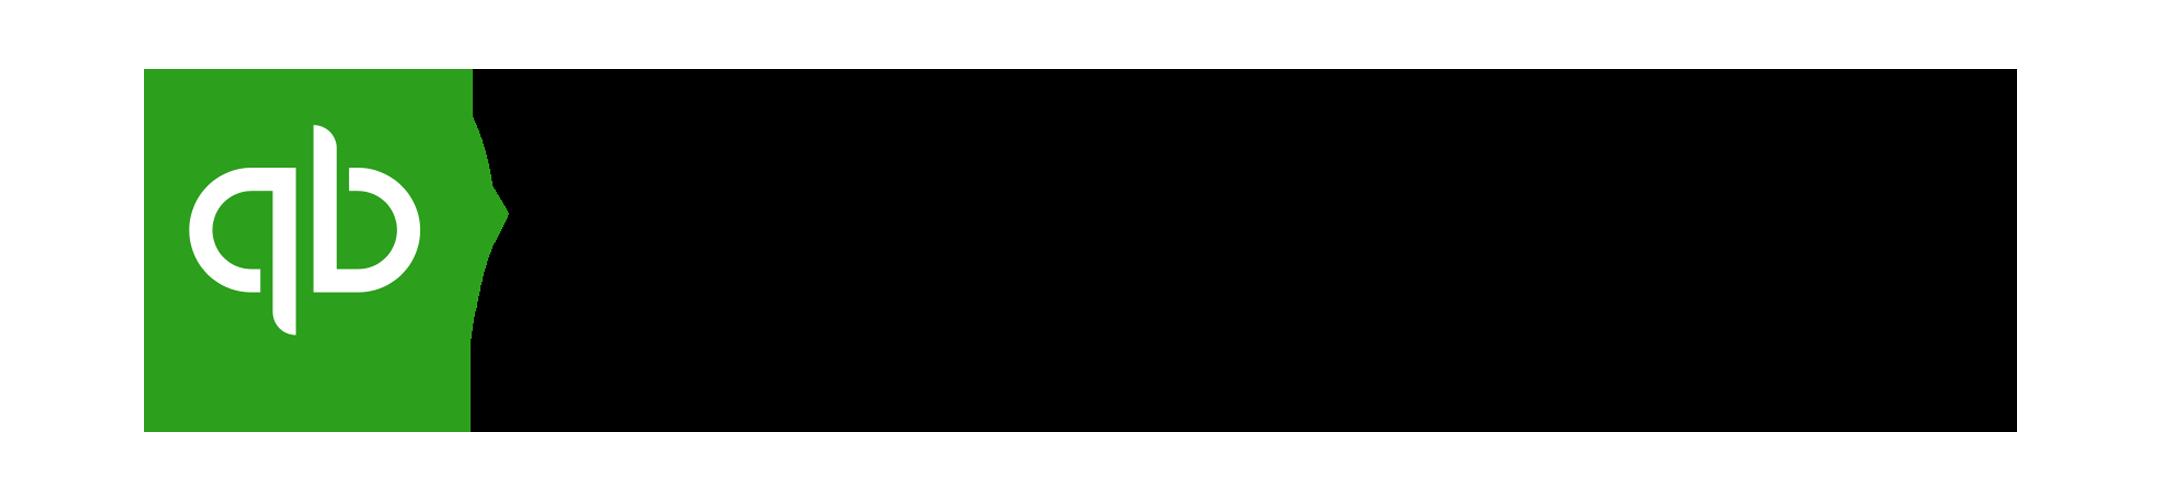 Quickbooks Expense Tracking logo